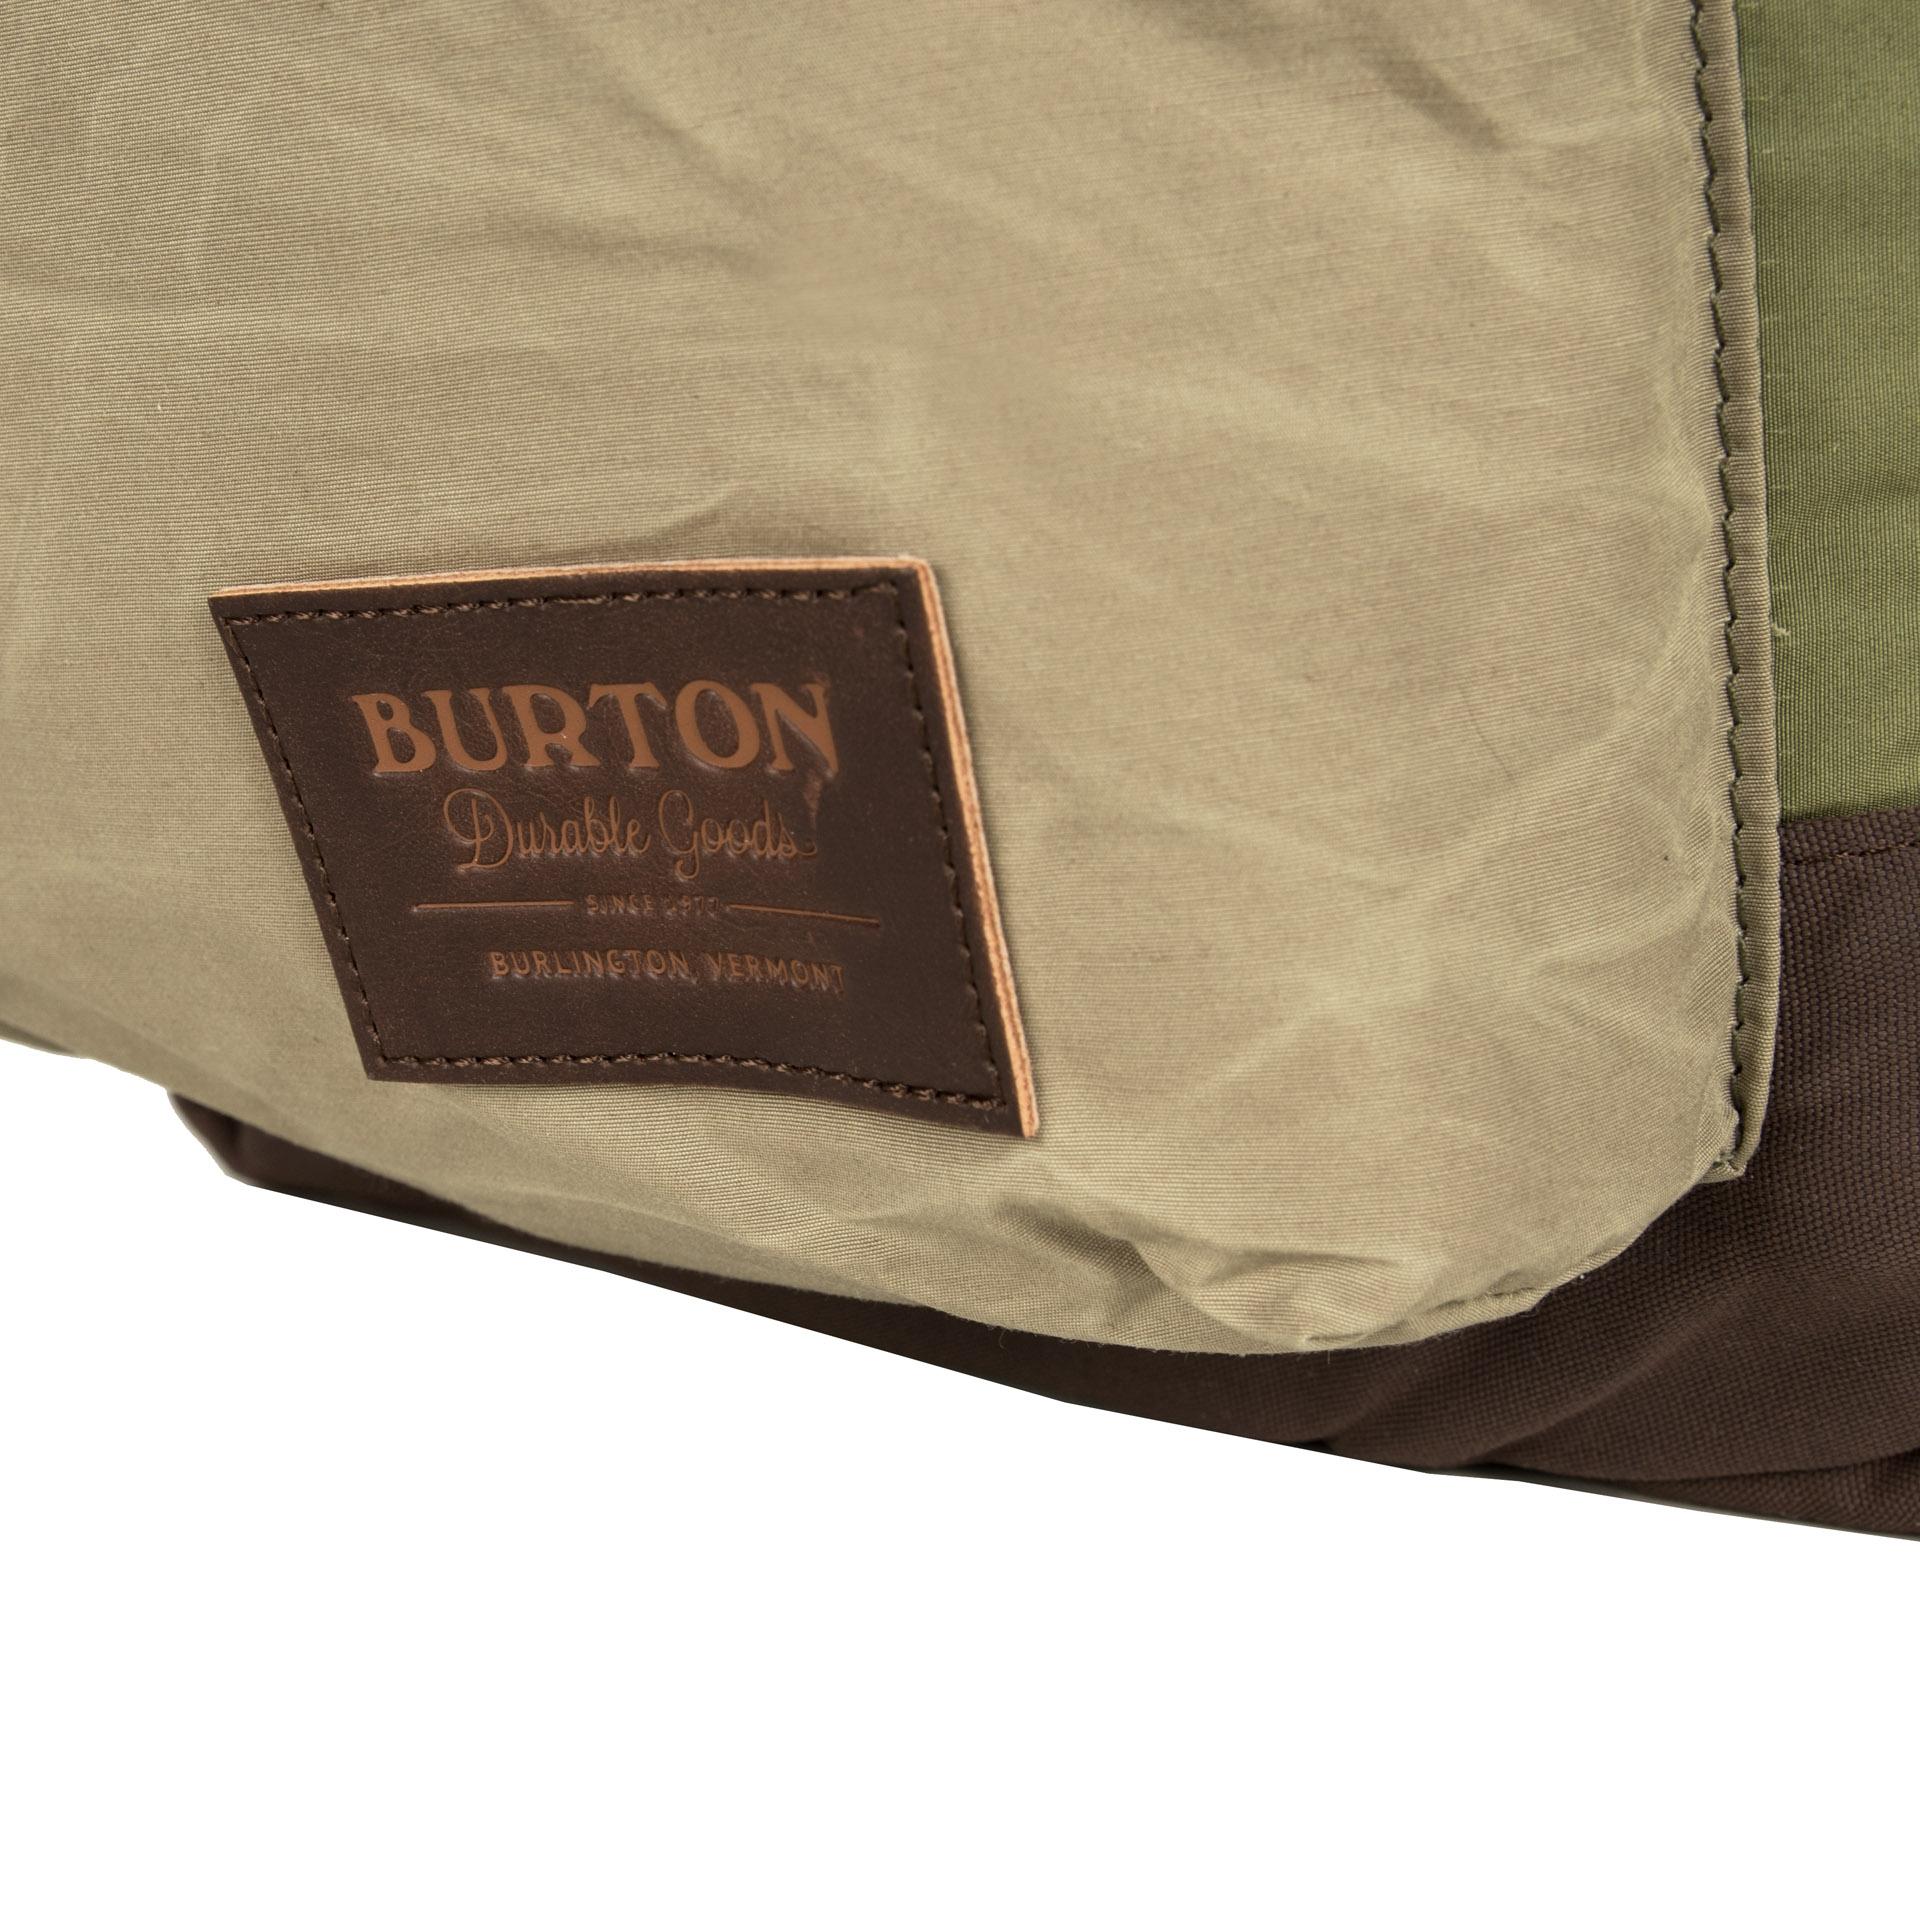 Burton Kettle Pack Clover Aloe Klasický batoh Burton Kettle Pack šitý na mieru všetkým študentom má jednu priestrannú hlavnú komoru, v ktorej nájdete zabudovanú priehradku na notebook.  - hlavná komora so zapínaním na zips krytý lemom - vrecko na notebook vnútri - vonkajšie textilné vrecko na zips na prednej strane - čalúnené a anatomicky tvarované ramenné popruhy - nastaviteľný hrudný popruh - textilné pútko na prenášanie v ruke